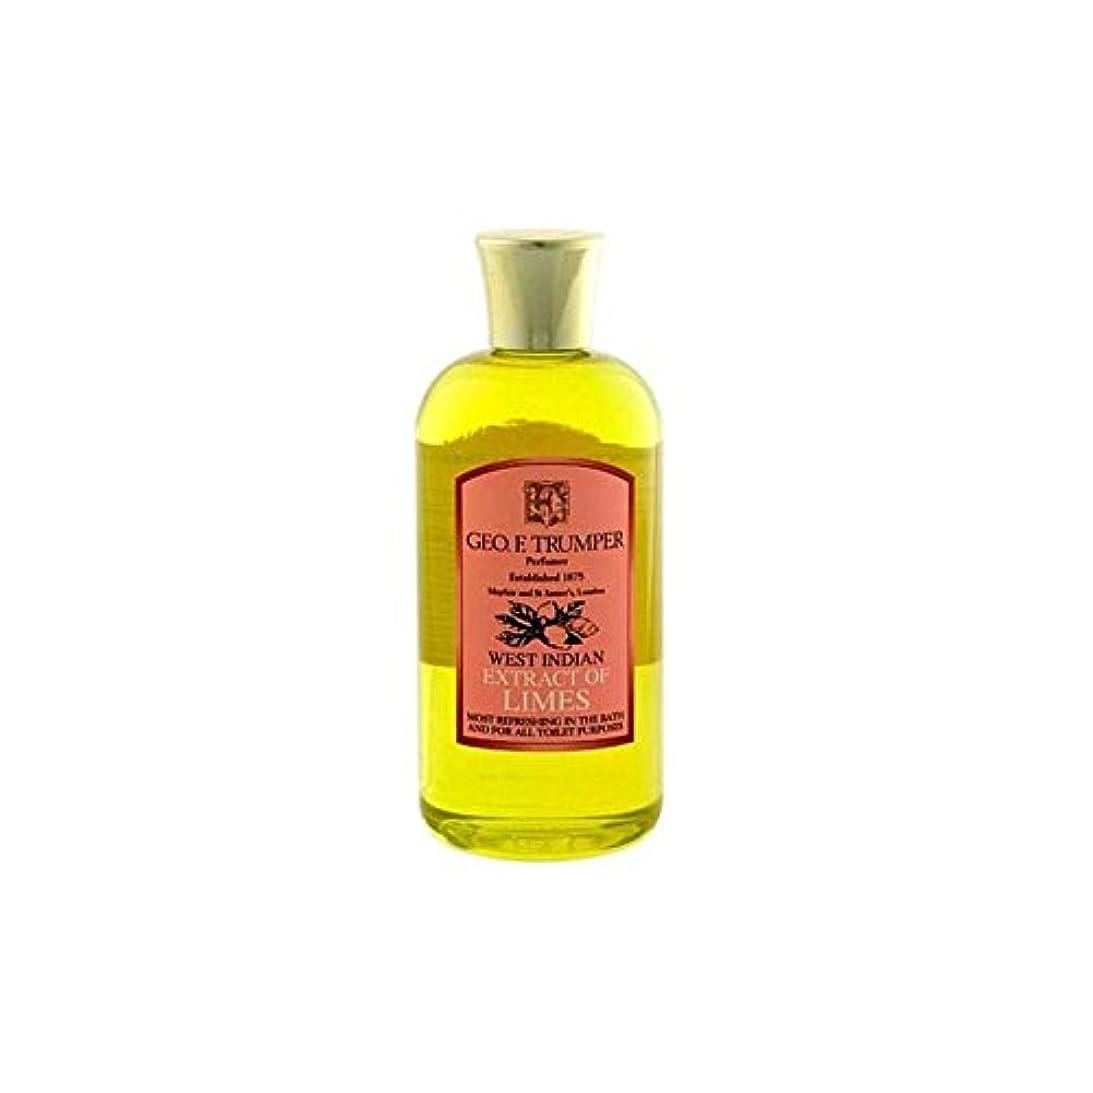 アジャなかなか提供Trumpers Extracts of Limes Bath and Shower Gel 200ml (Pack of 6) - ライムのバスタブとシャワージェル200の抽出物を x6 [並行輸入品]